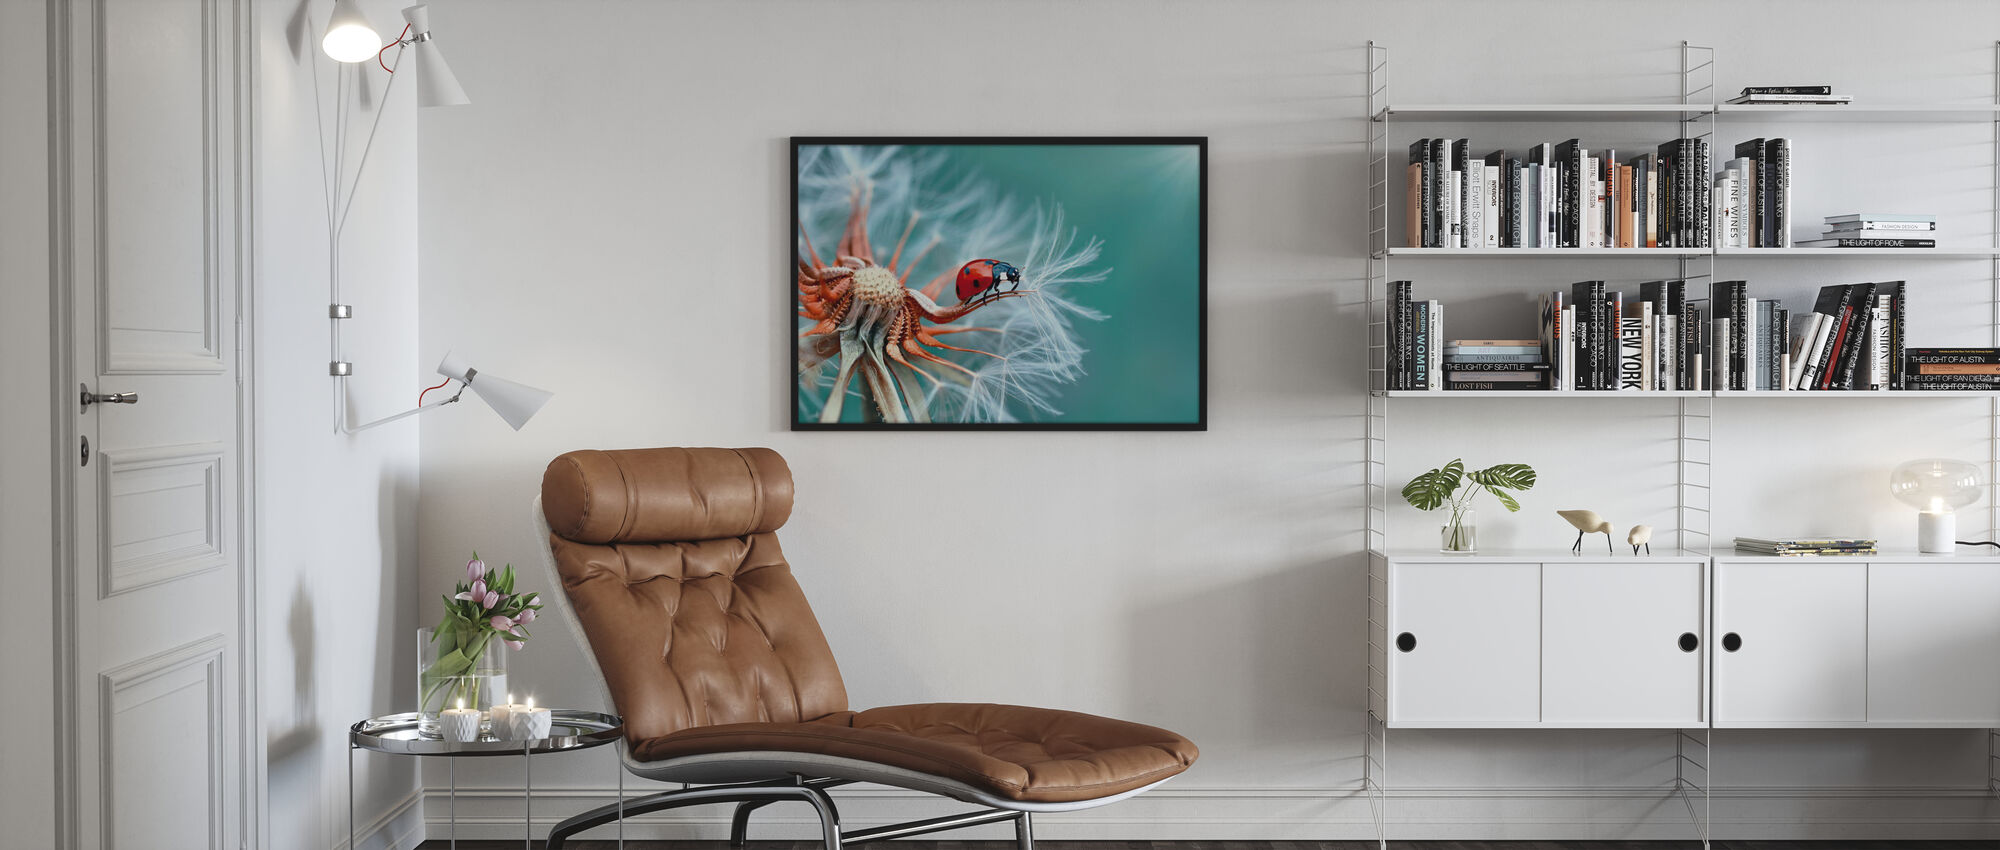 Freedoom - Poster - Living Room